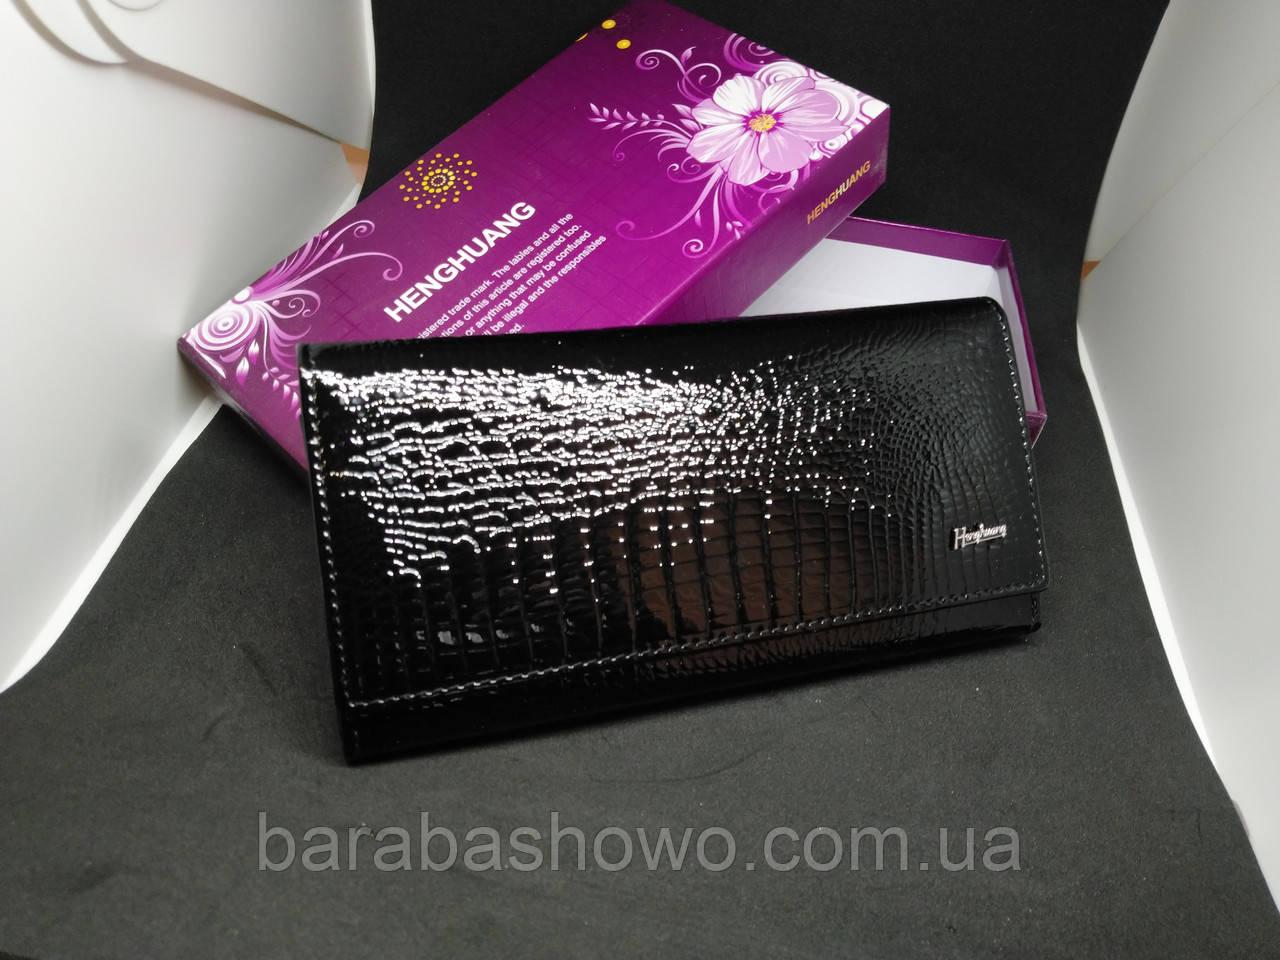 Жіночий брендовий гаманець з натуральної шкіри HENGHUANG AE502